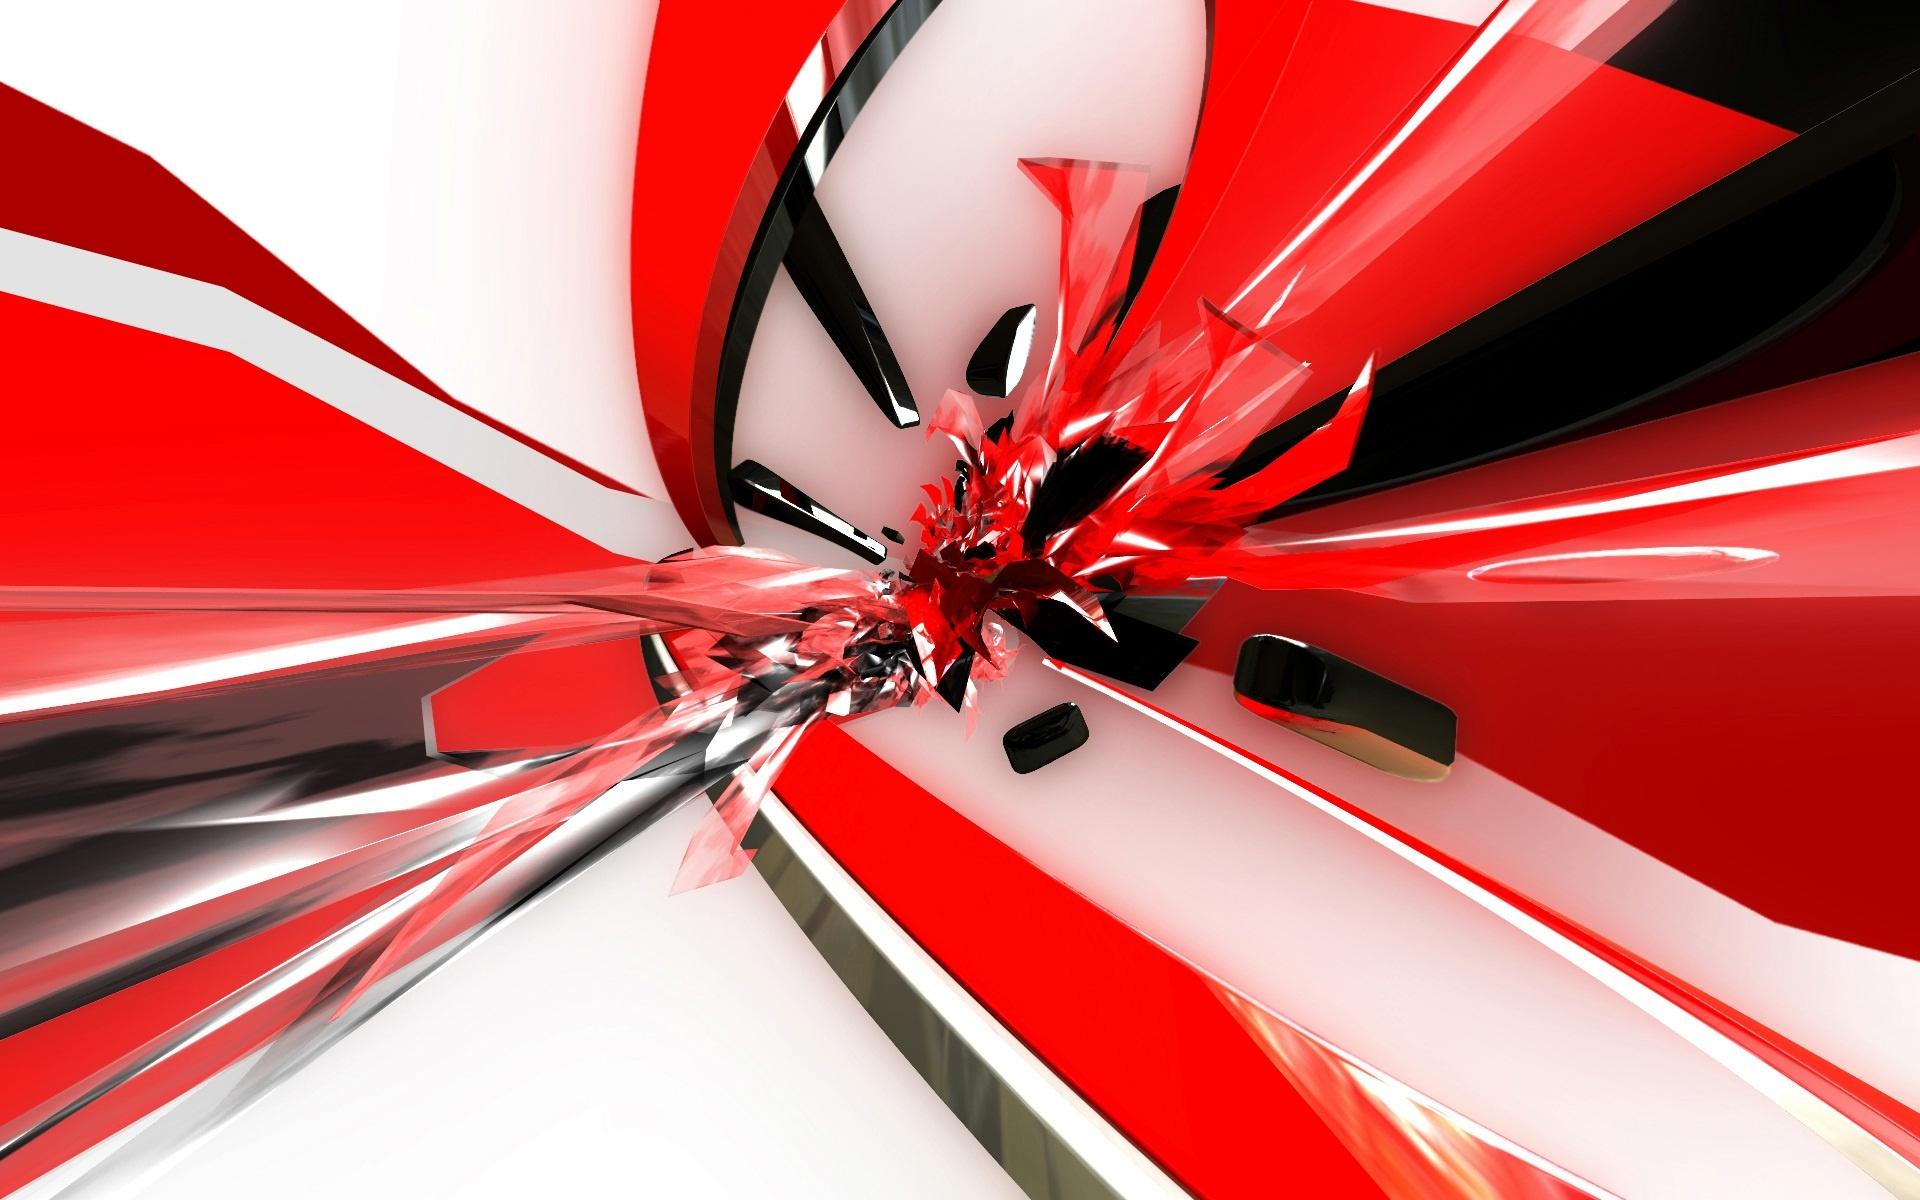 черно белые фото с красным фоном